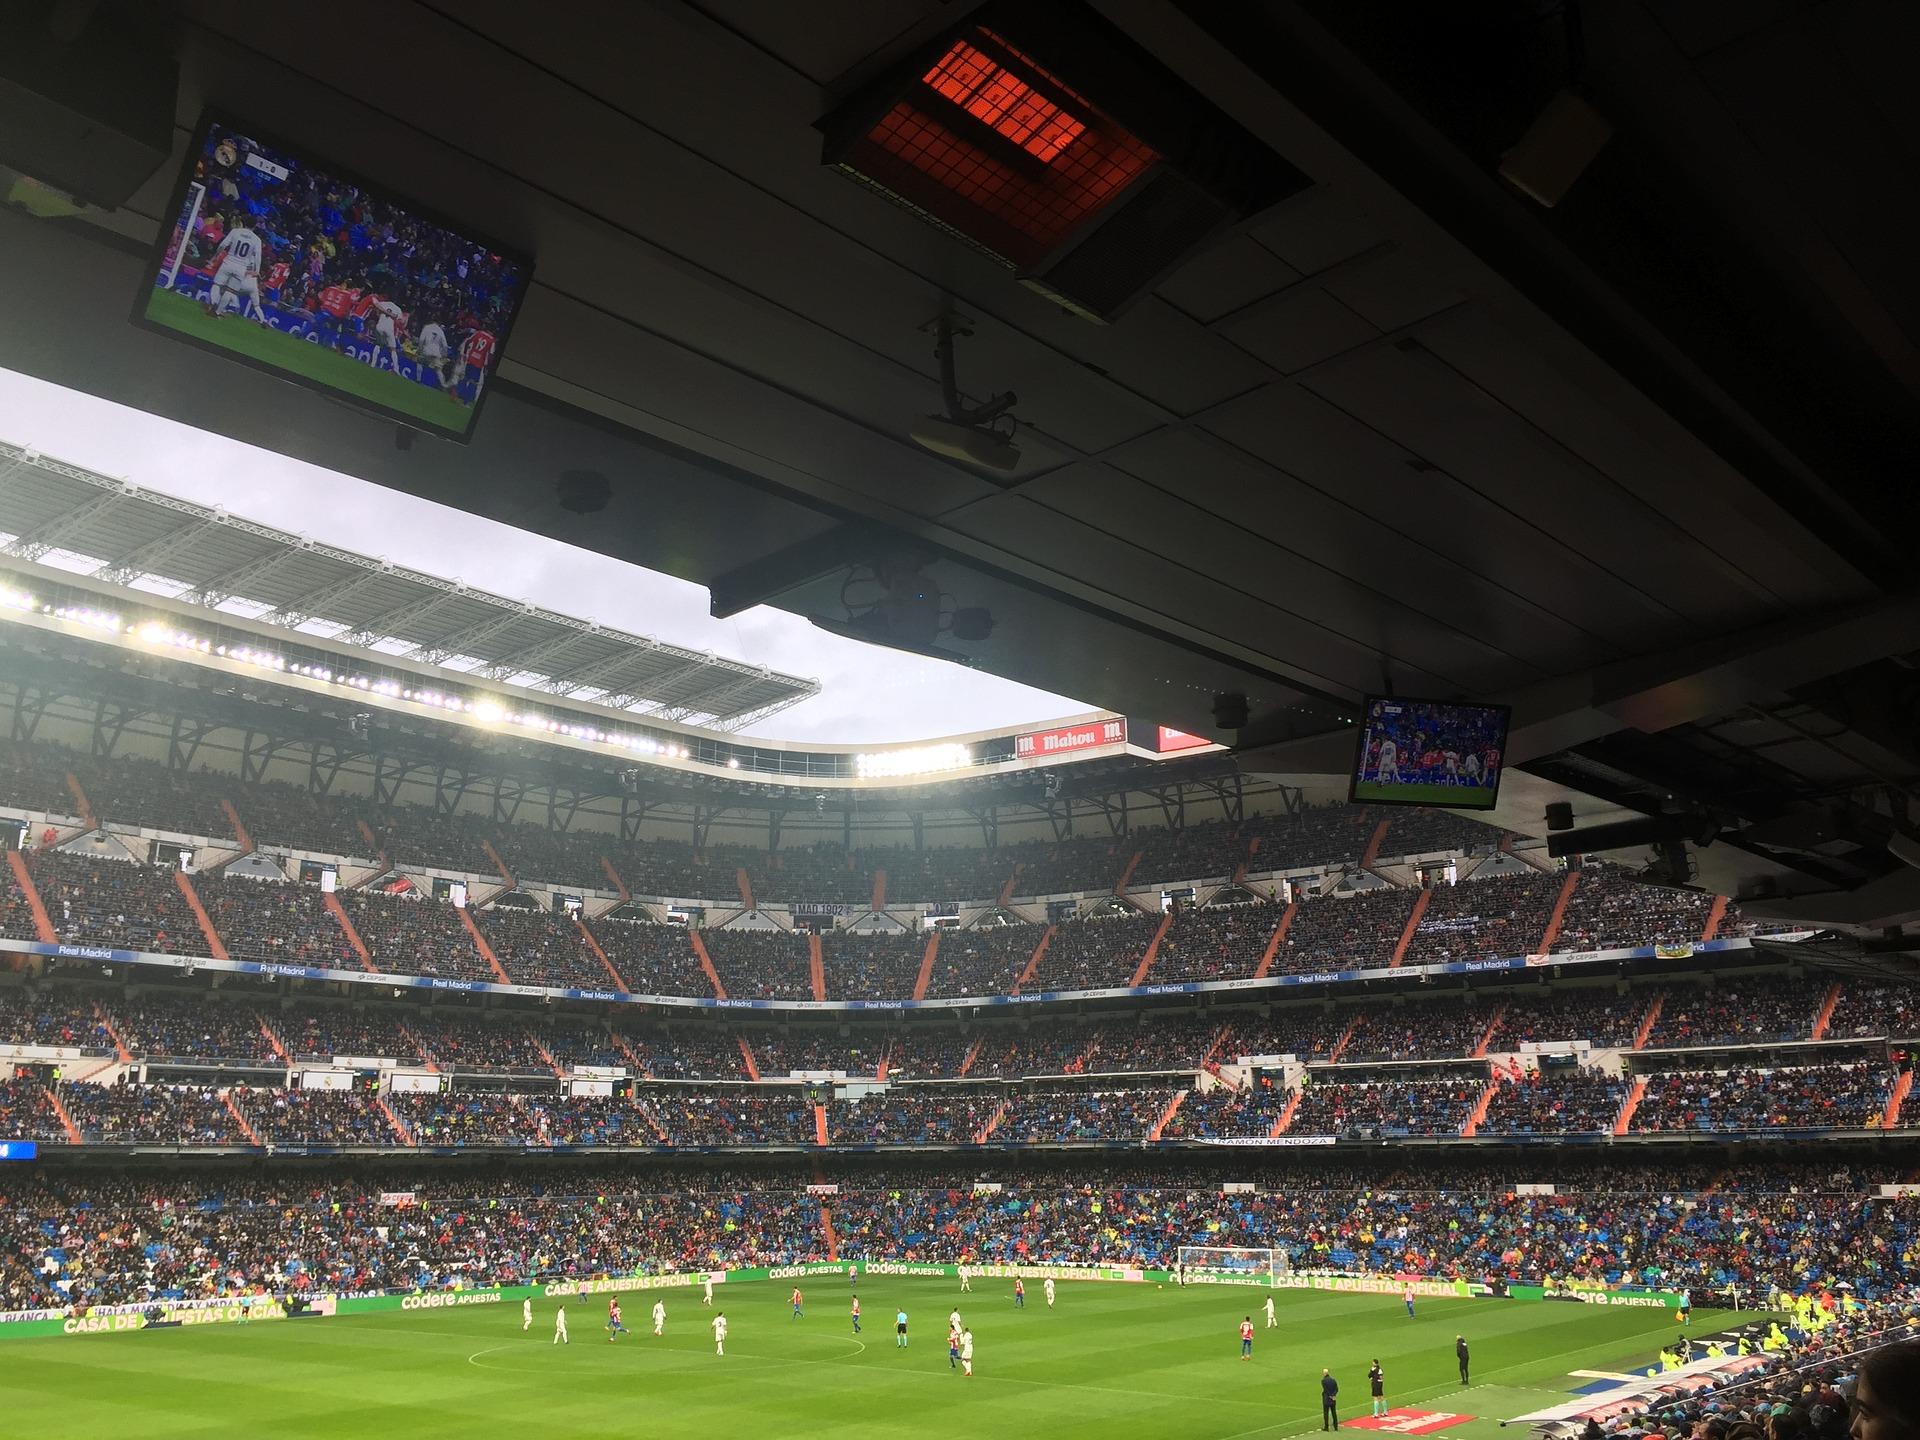 La Liga Tickets günstig kaufen Topsiele ab 80,00€ unterer Rang bei Real Madird die Stimmung hier ist überragend